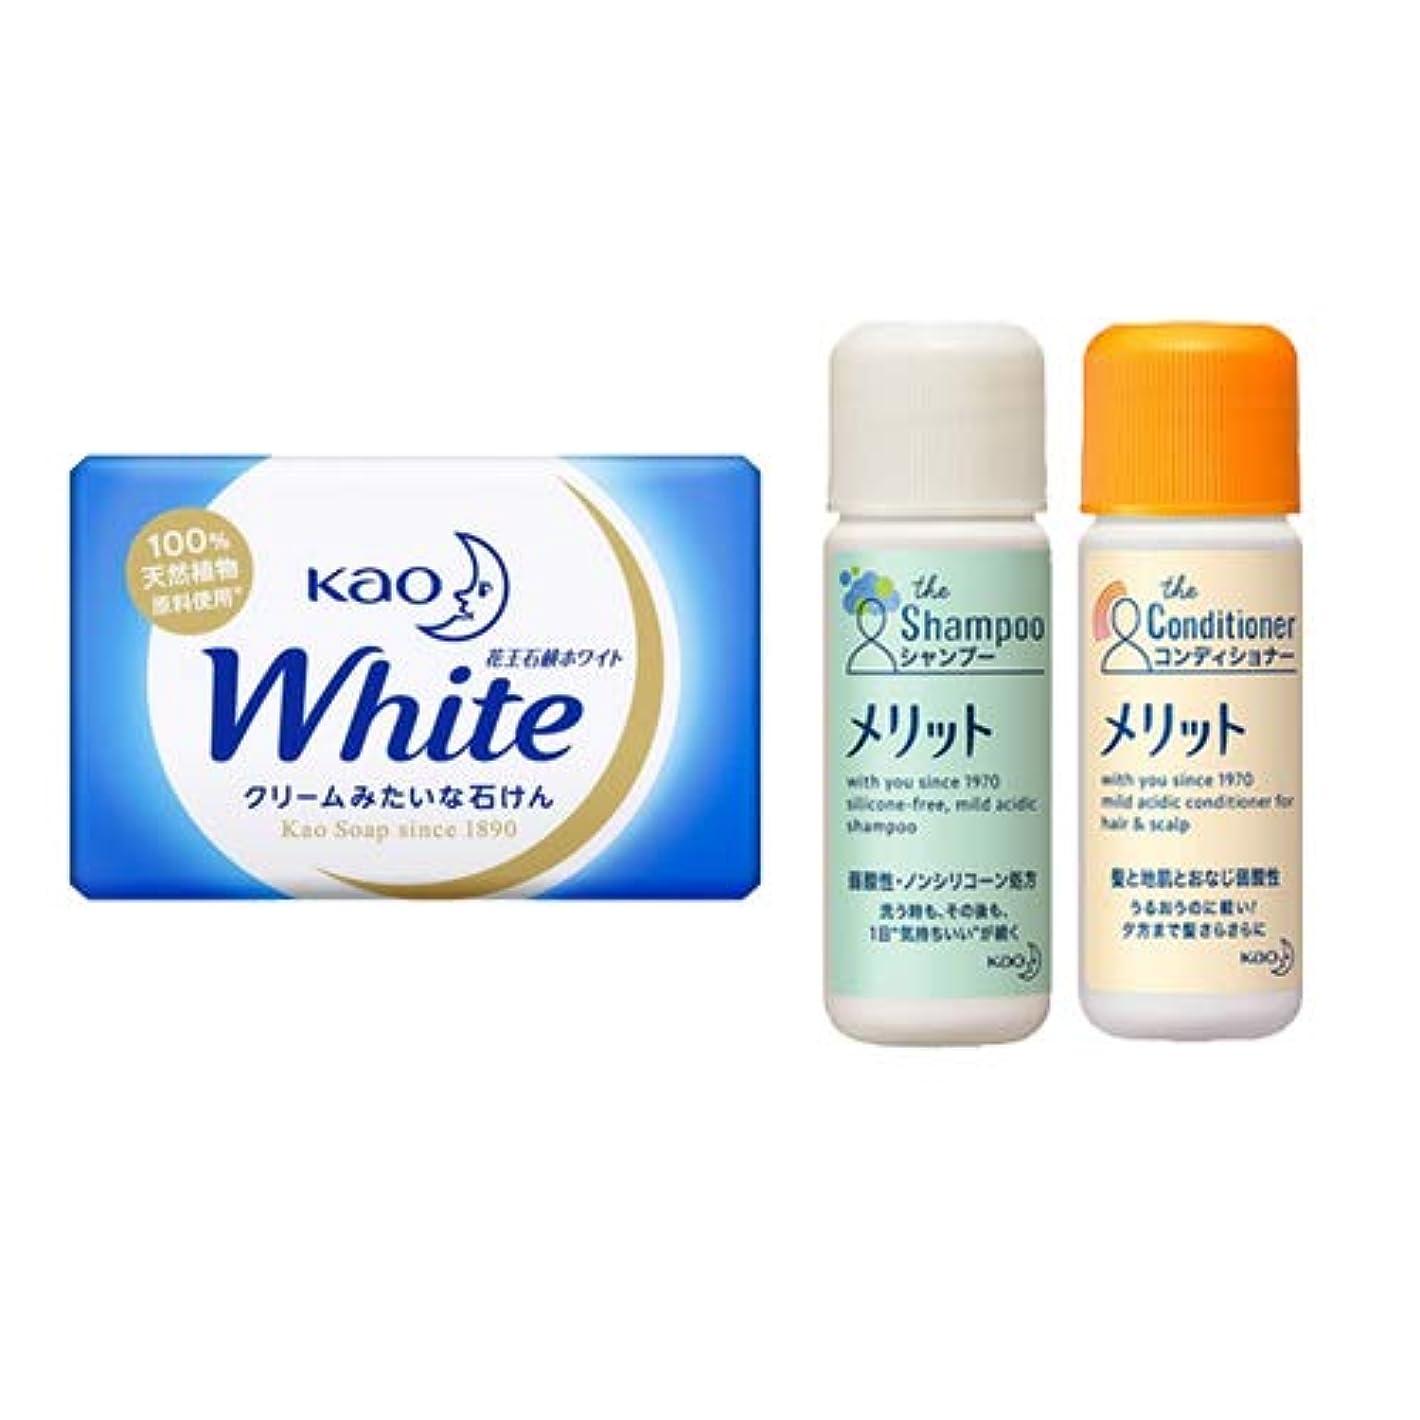 かわすモルヒネ信頼性のある花王(KAO) 石鹸ホワイト(Kao Soap White) 15g + メリットシャンプー 16ml + リンス 16ml セット